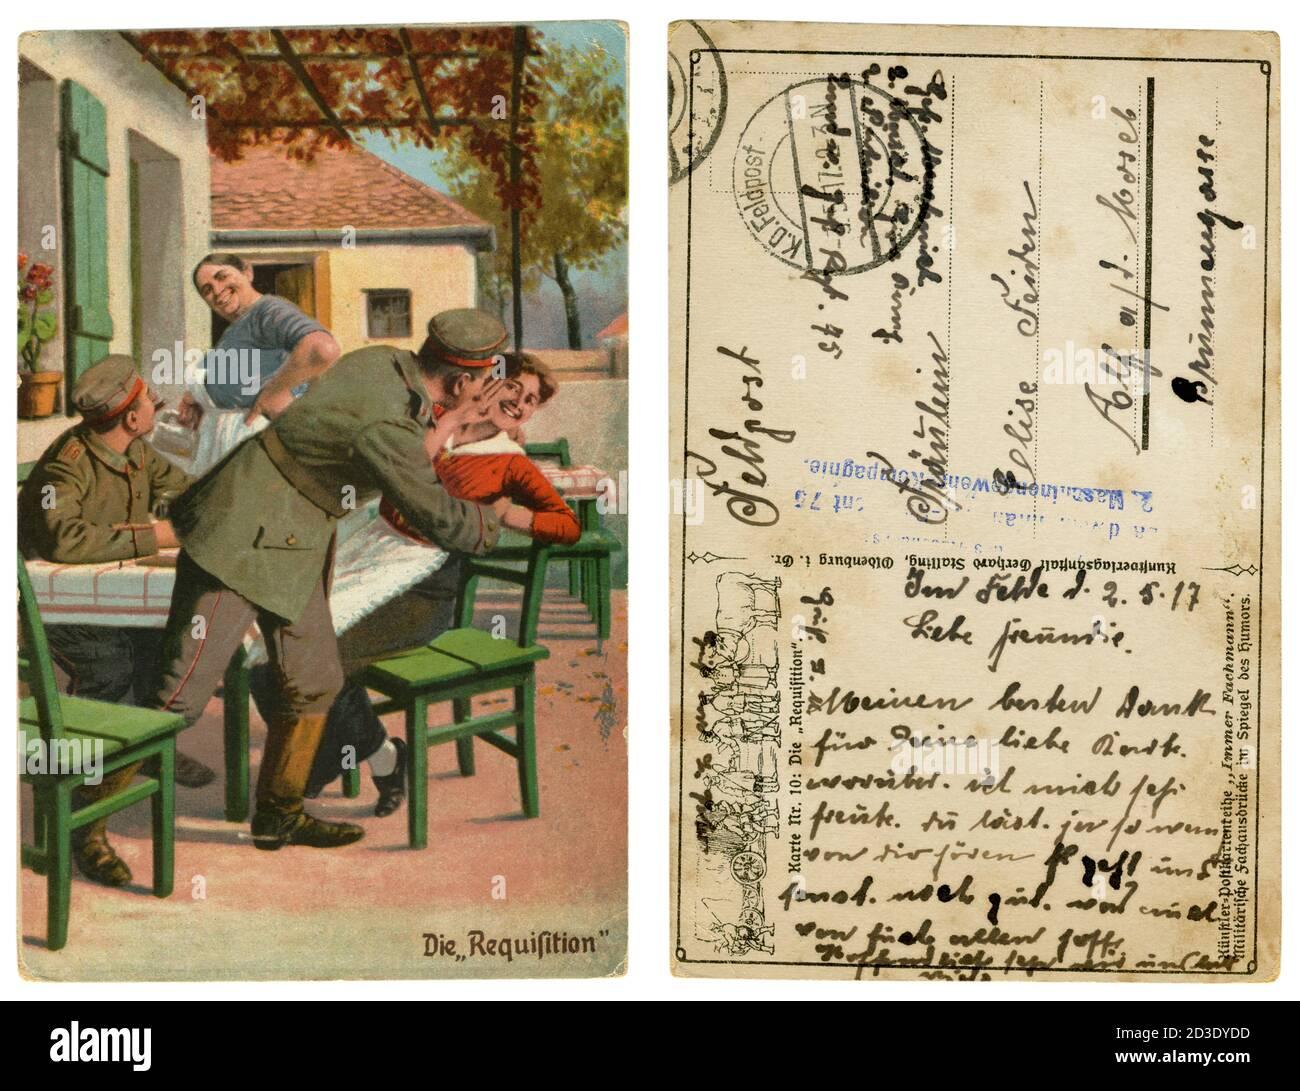 Carte postale historique allemande : humour militaire, « réquisition » d'un soldat « requistion » d'une jeune femme d'un café d'été, World War One 1914-1918, à l'envers Banque D'Images